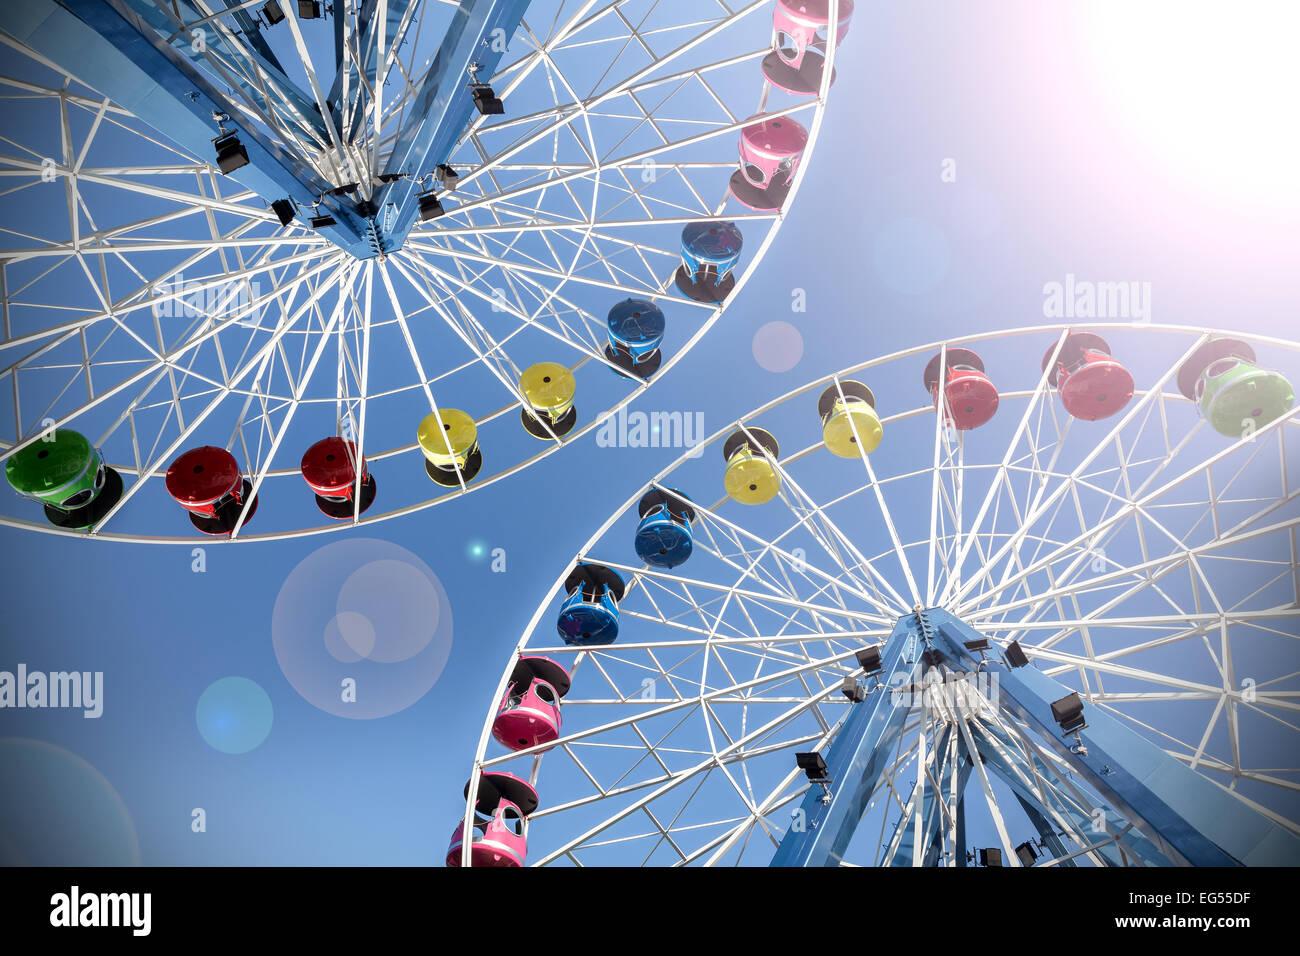 Retrò immagine filtrata di Ferris ruote con lens flare. Immagini Stock